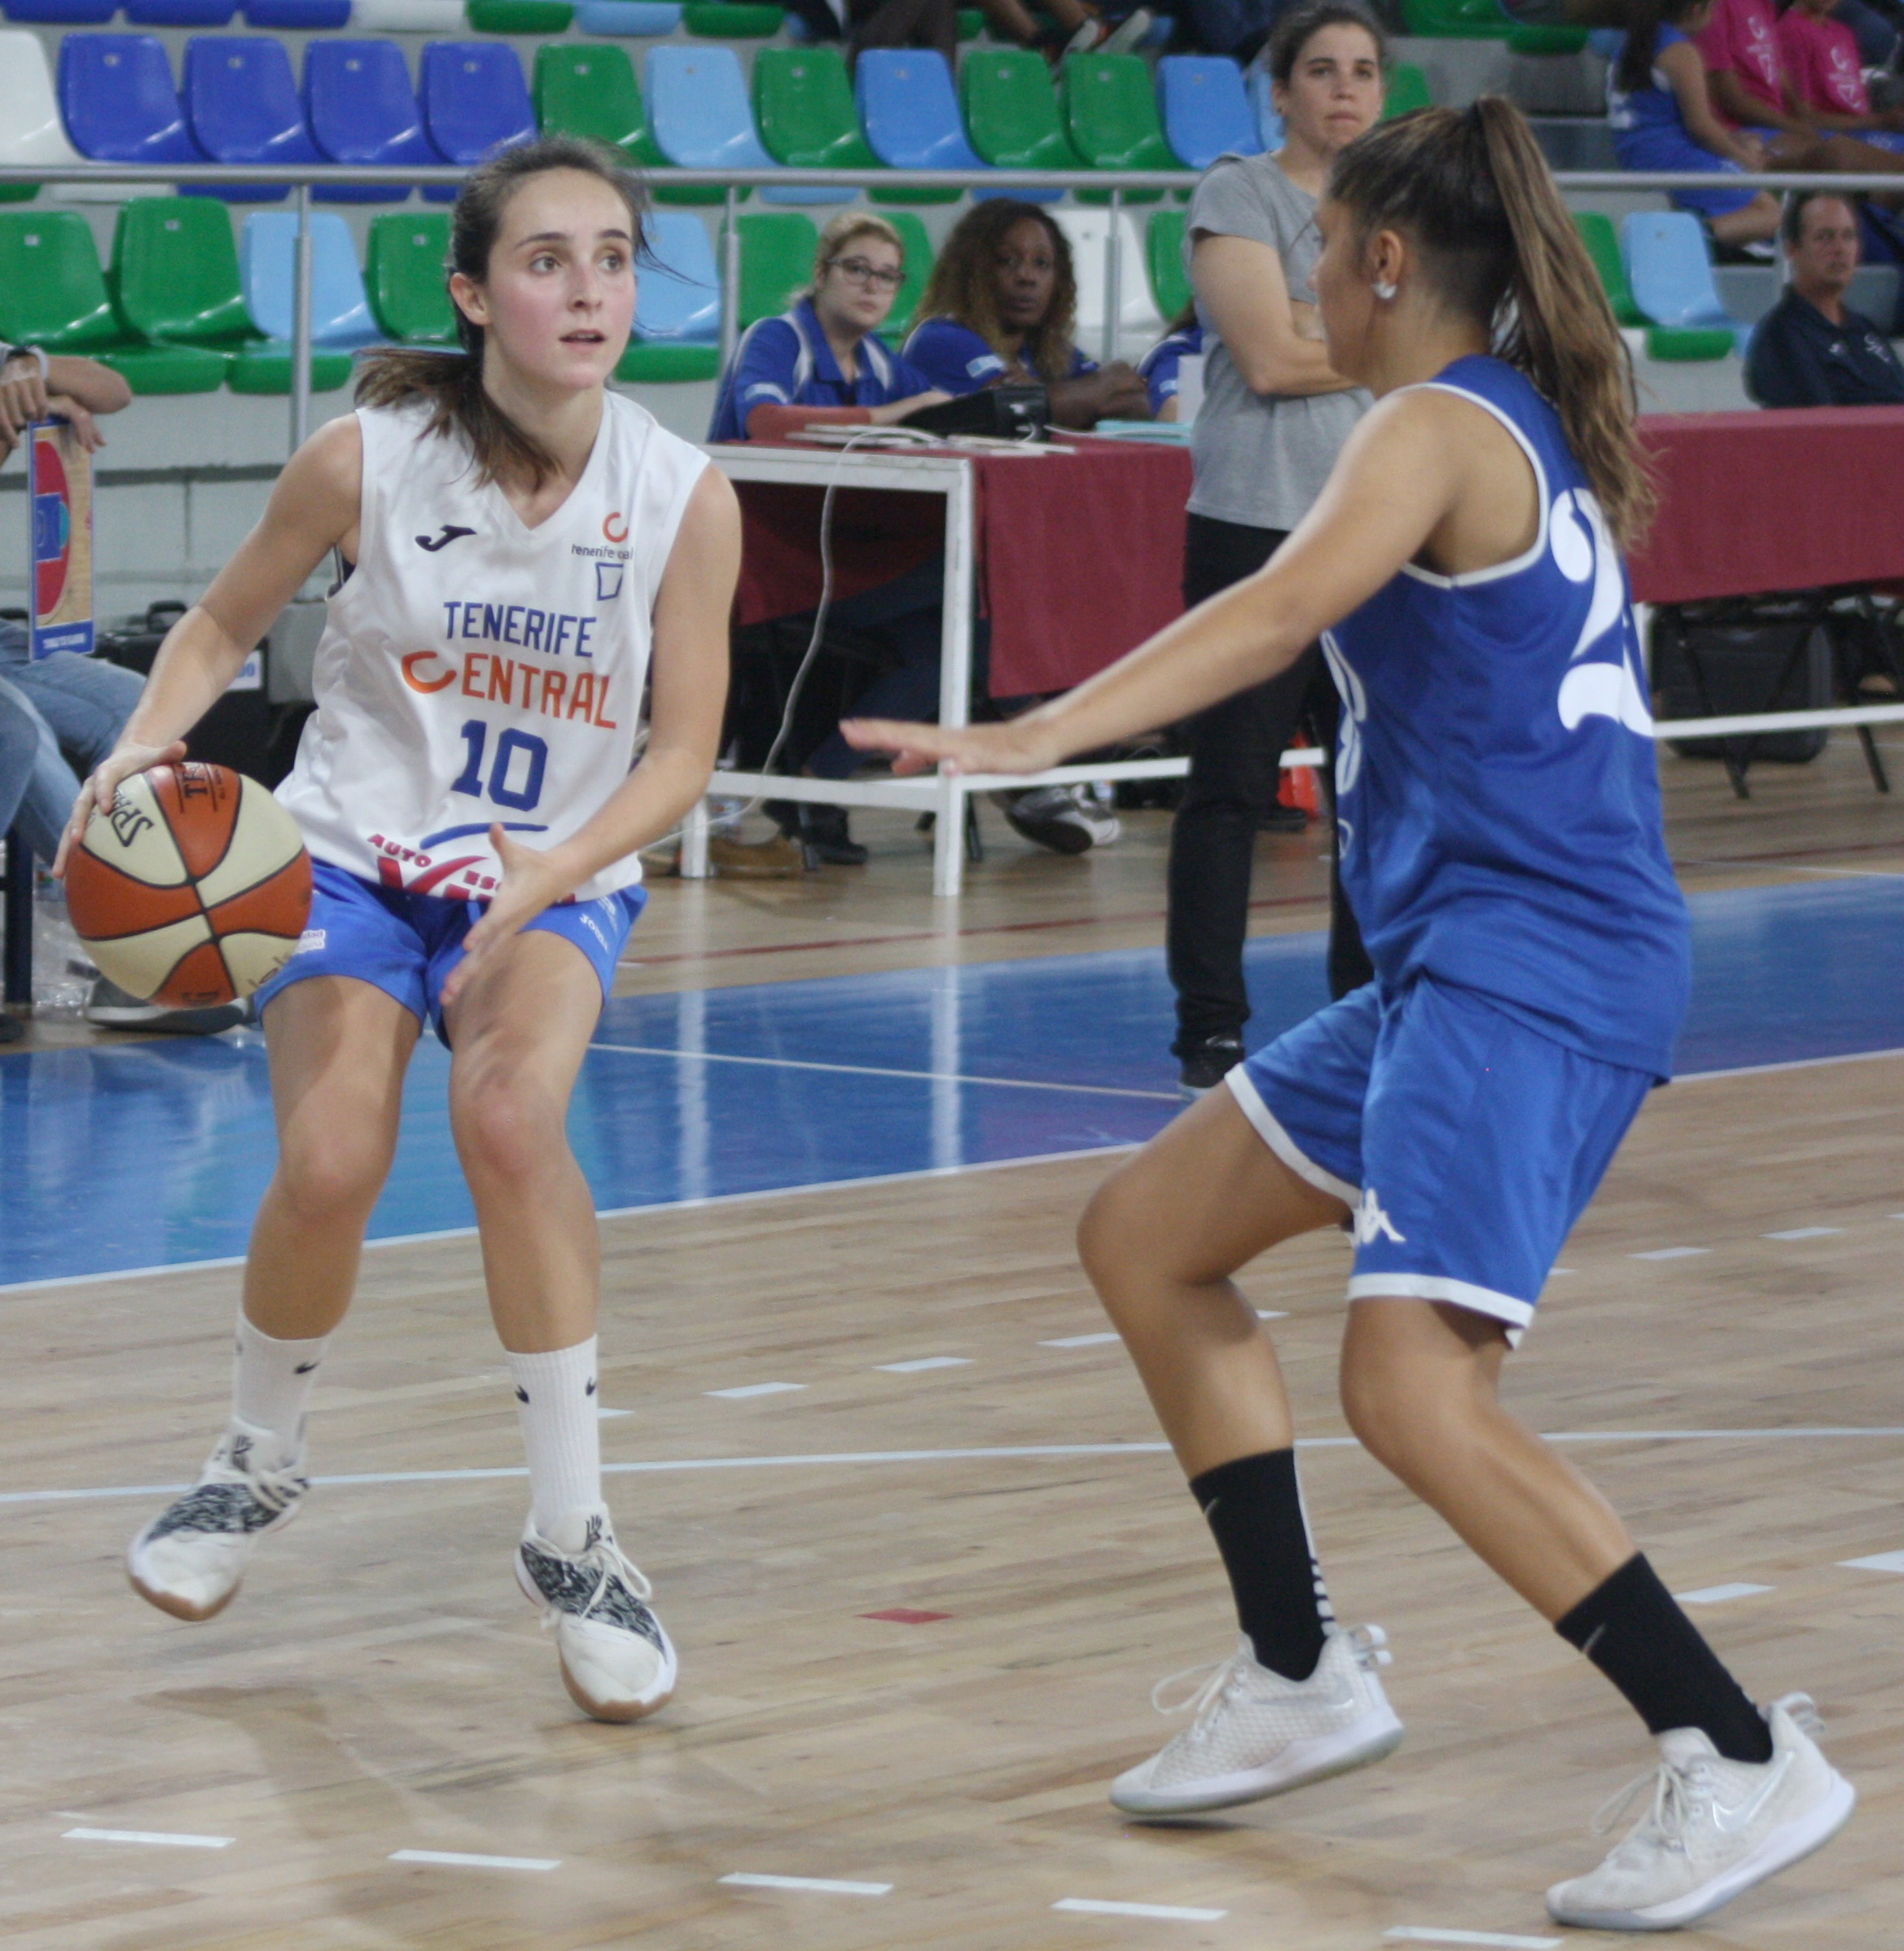 Daniela González cumplirá su cuarta temporada en el Tenerife Central